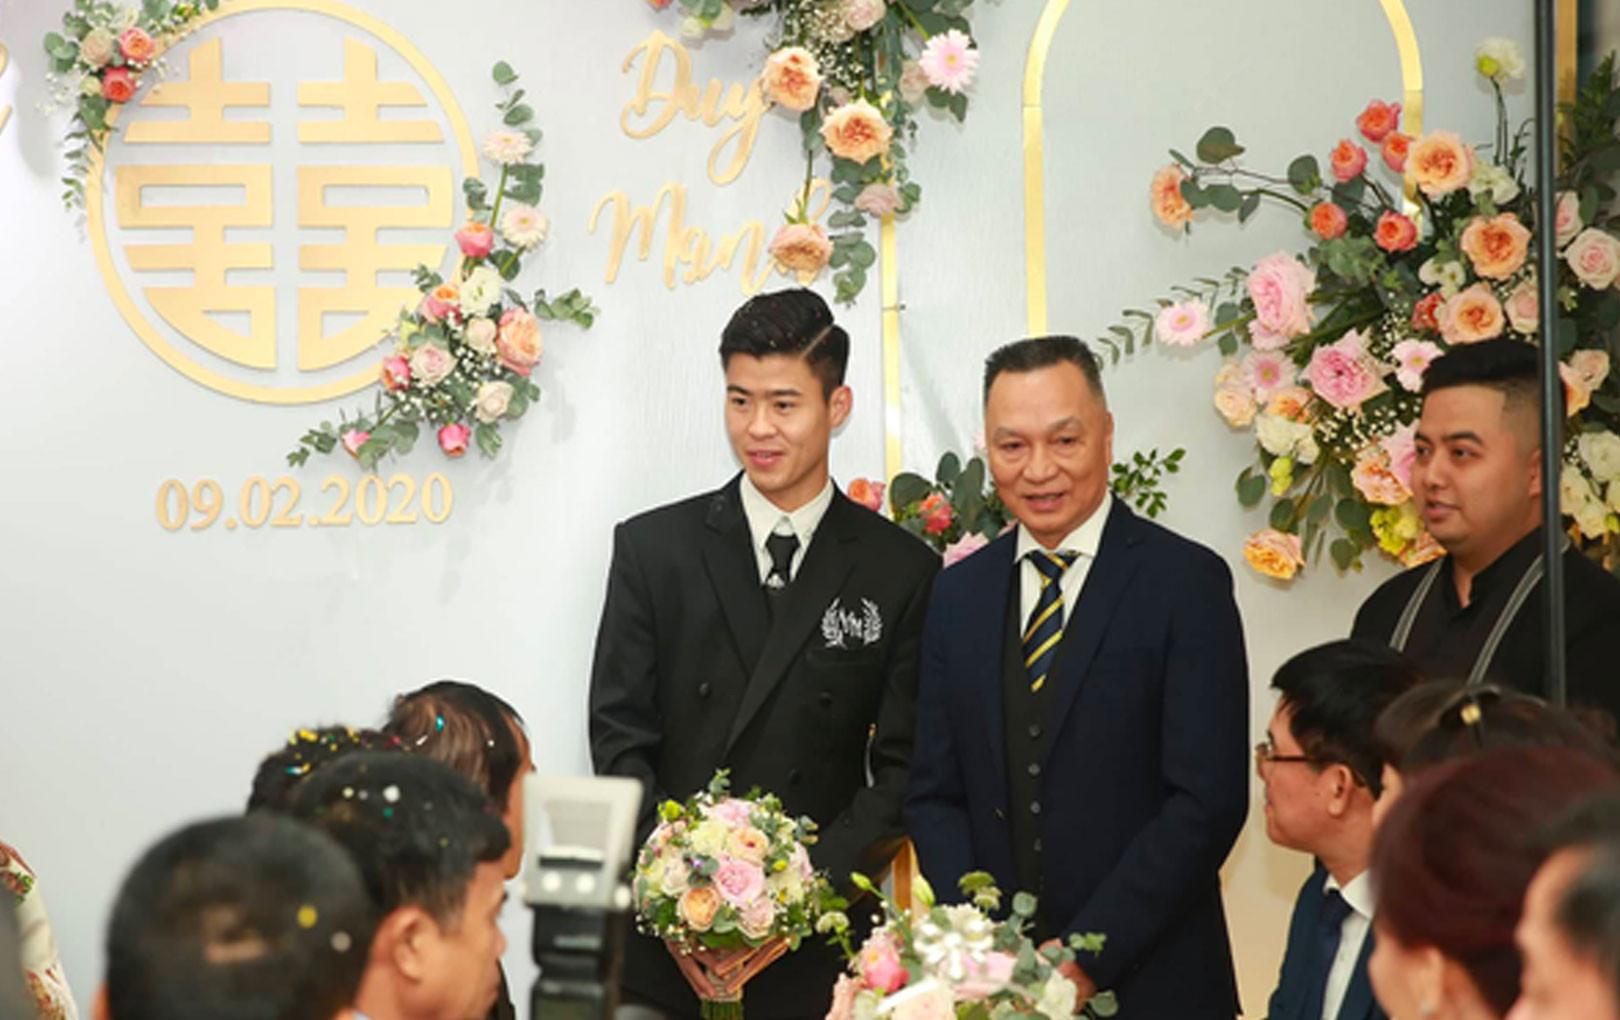 Đám cưới Duy Mạnh - Quỳnh Anh: Chú rể bẽn lẽn chờ làm lễ xin rước dâu, cô dâu mặc váy cưới lộng lẫy xuất hiện